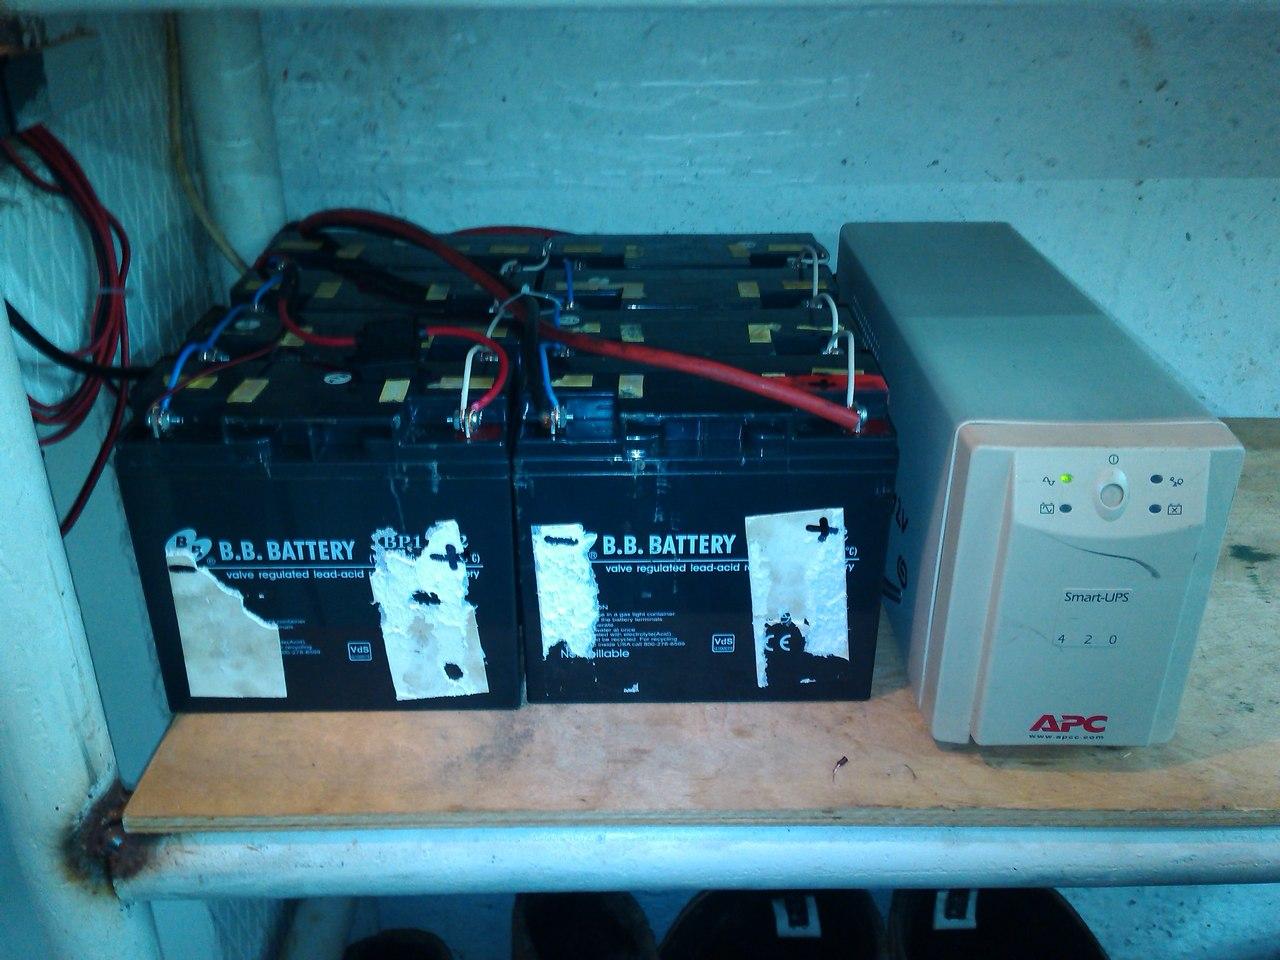 аккумуляторы для освещения